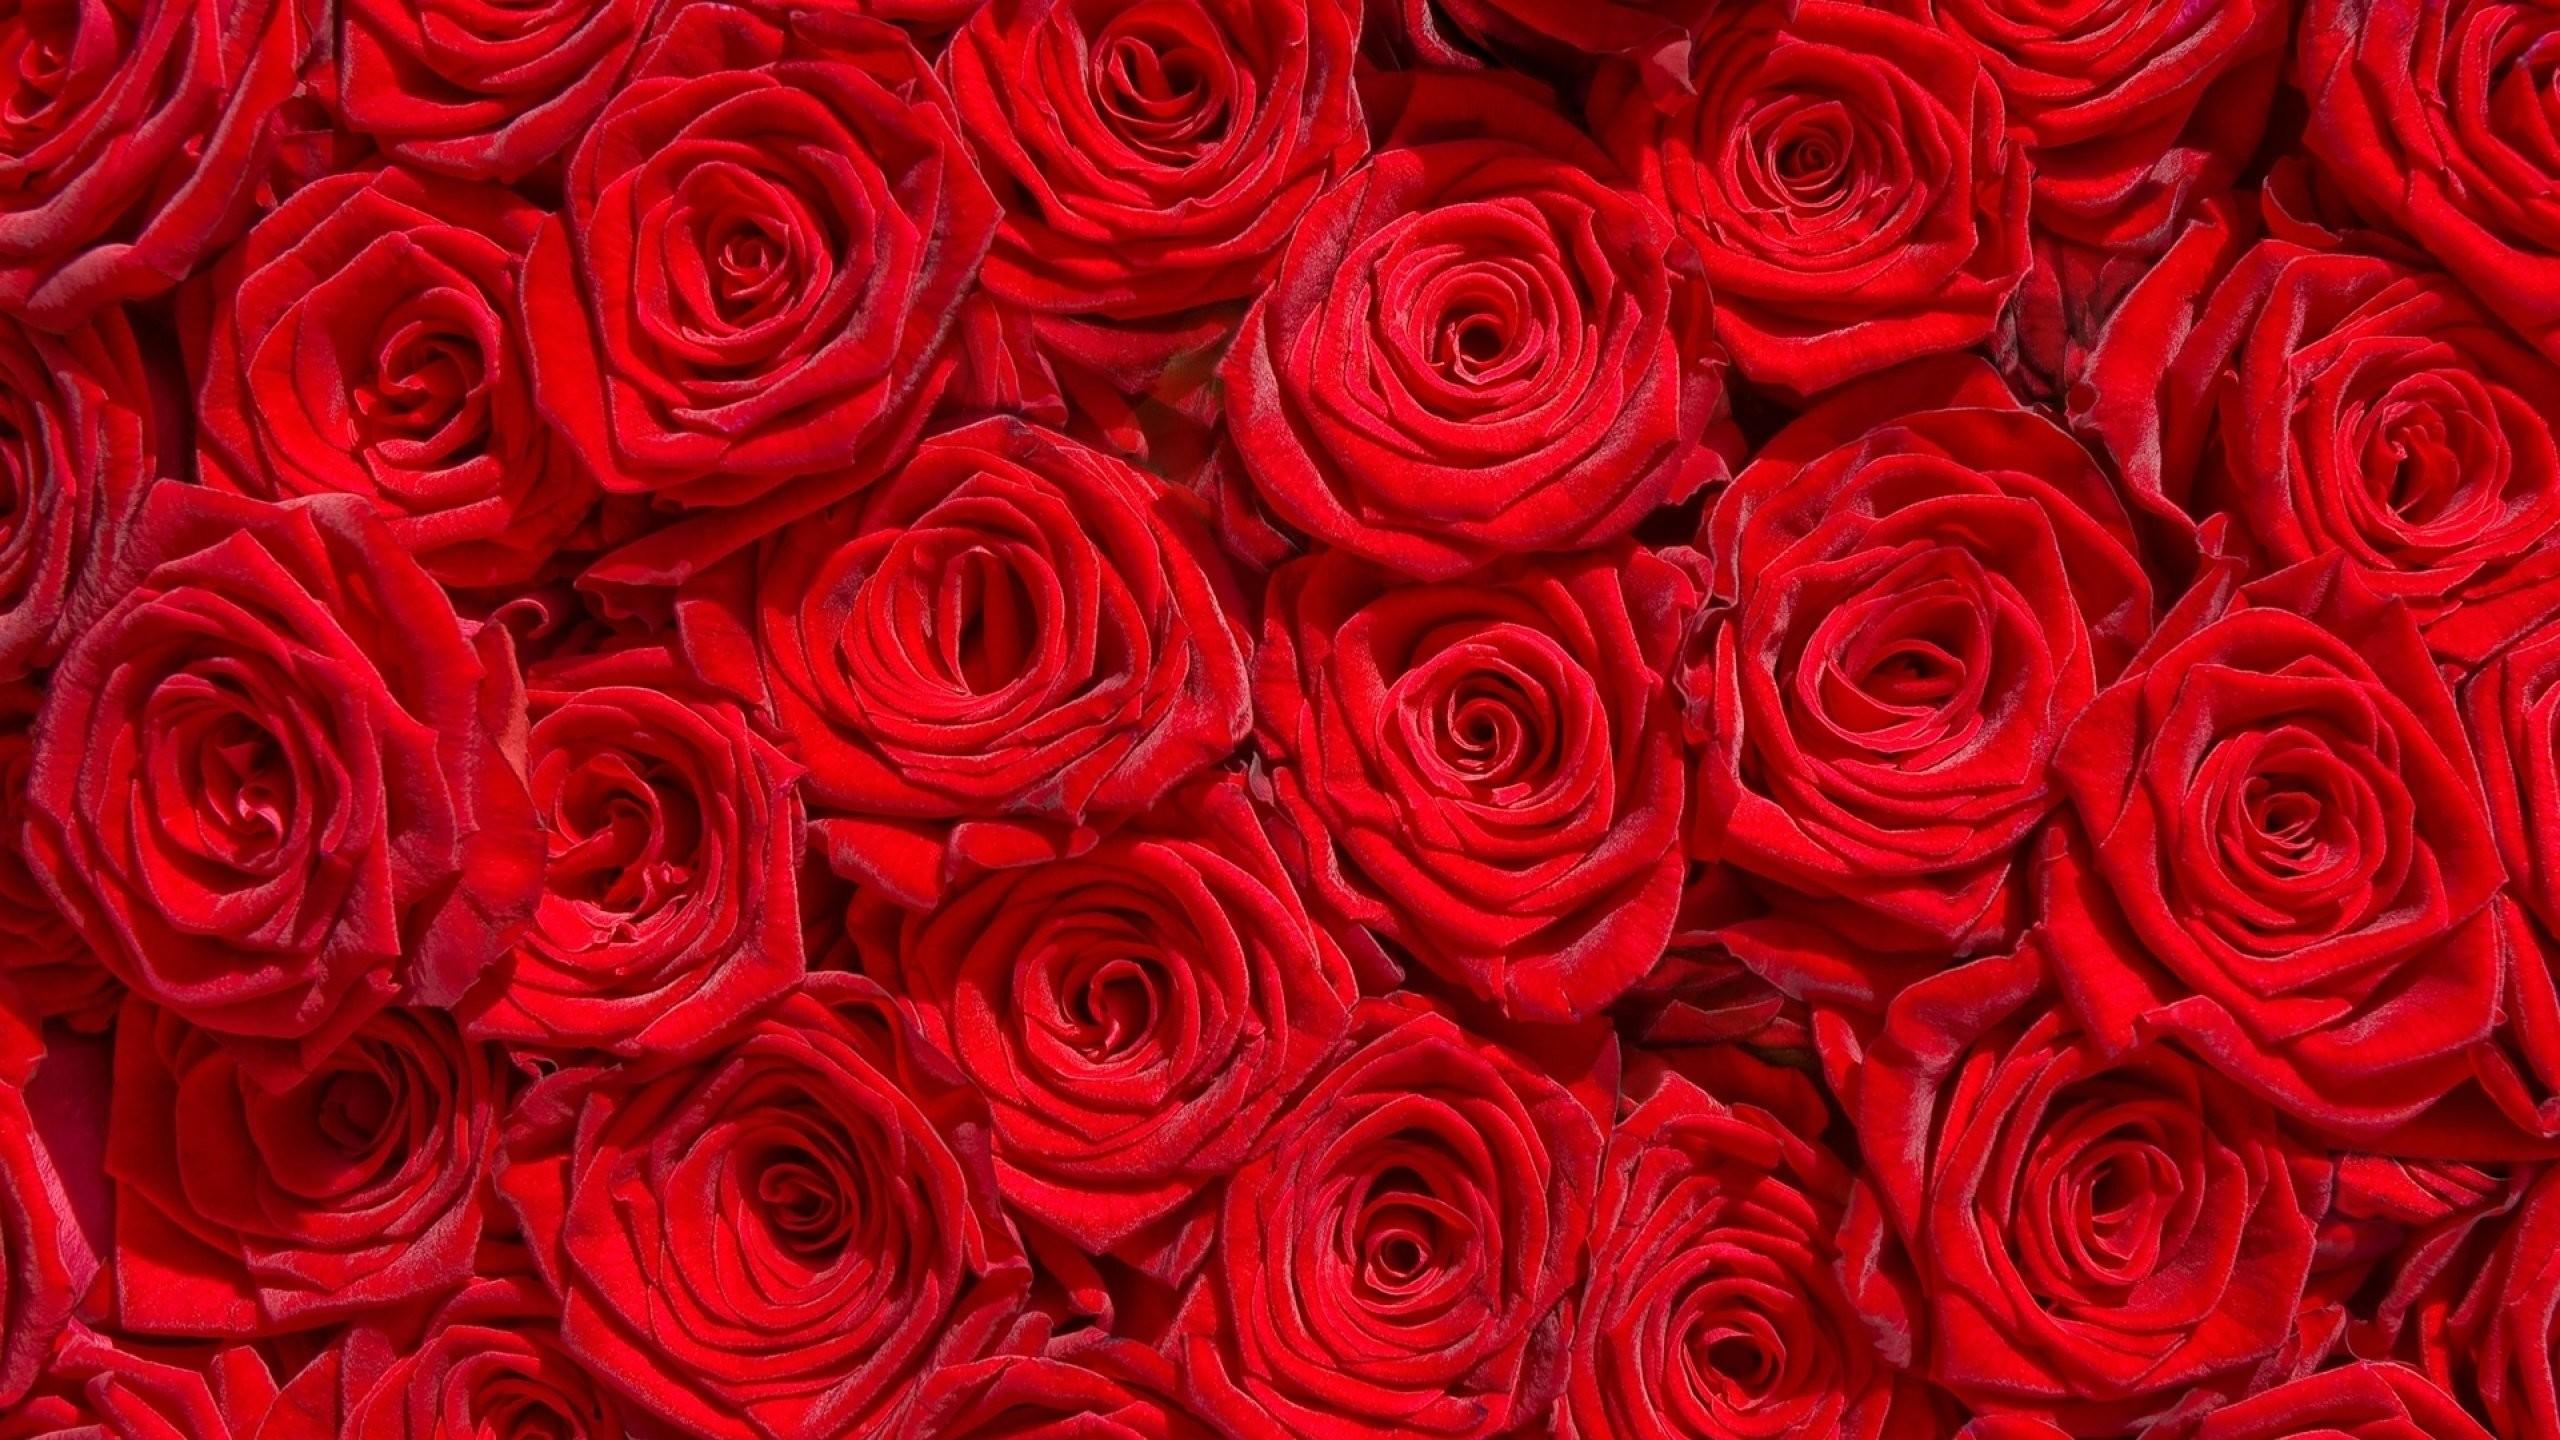 2560x1440, Red Rose Flower Garden Wallpaper   Data - Rose Wallpaper Hd Flowers - HD Wallpaper